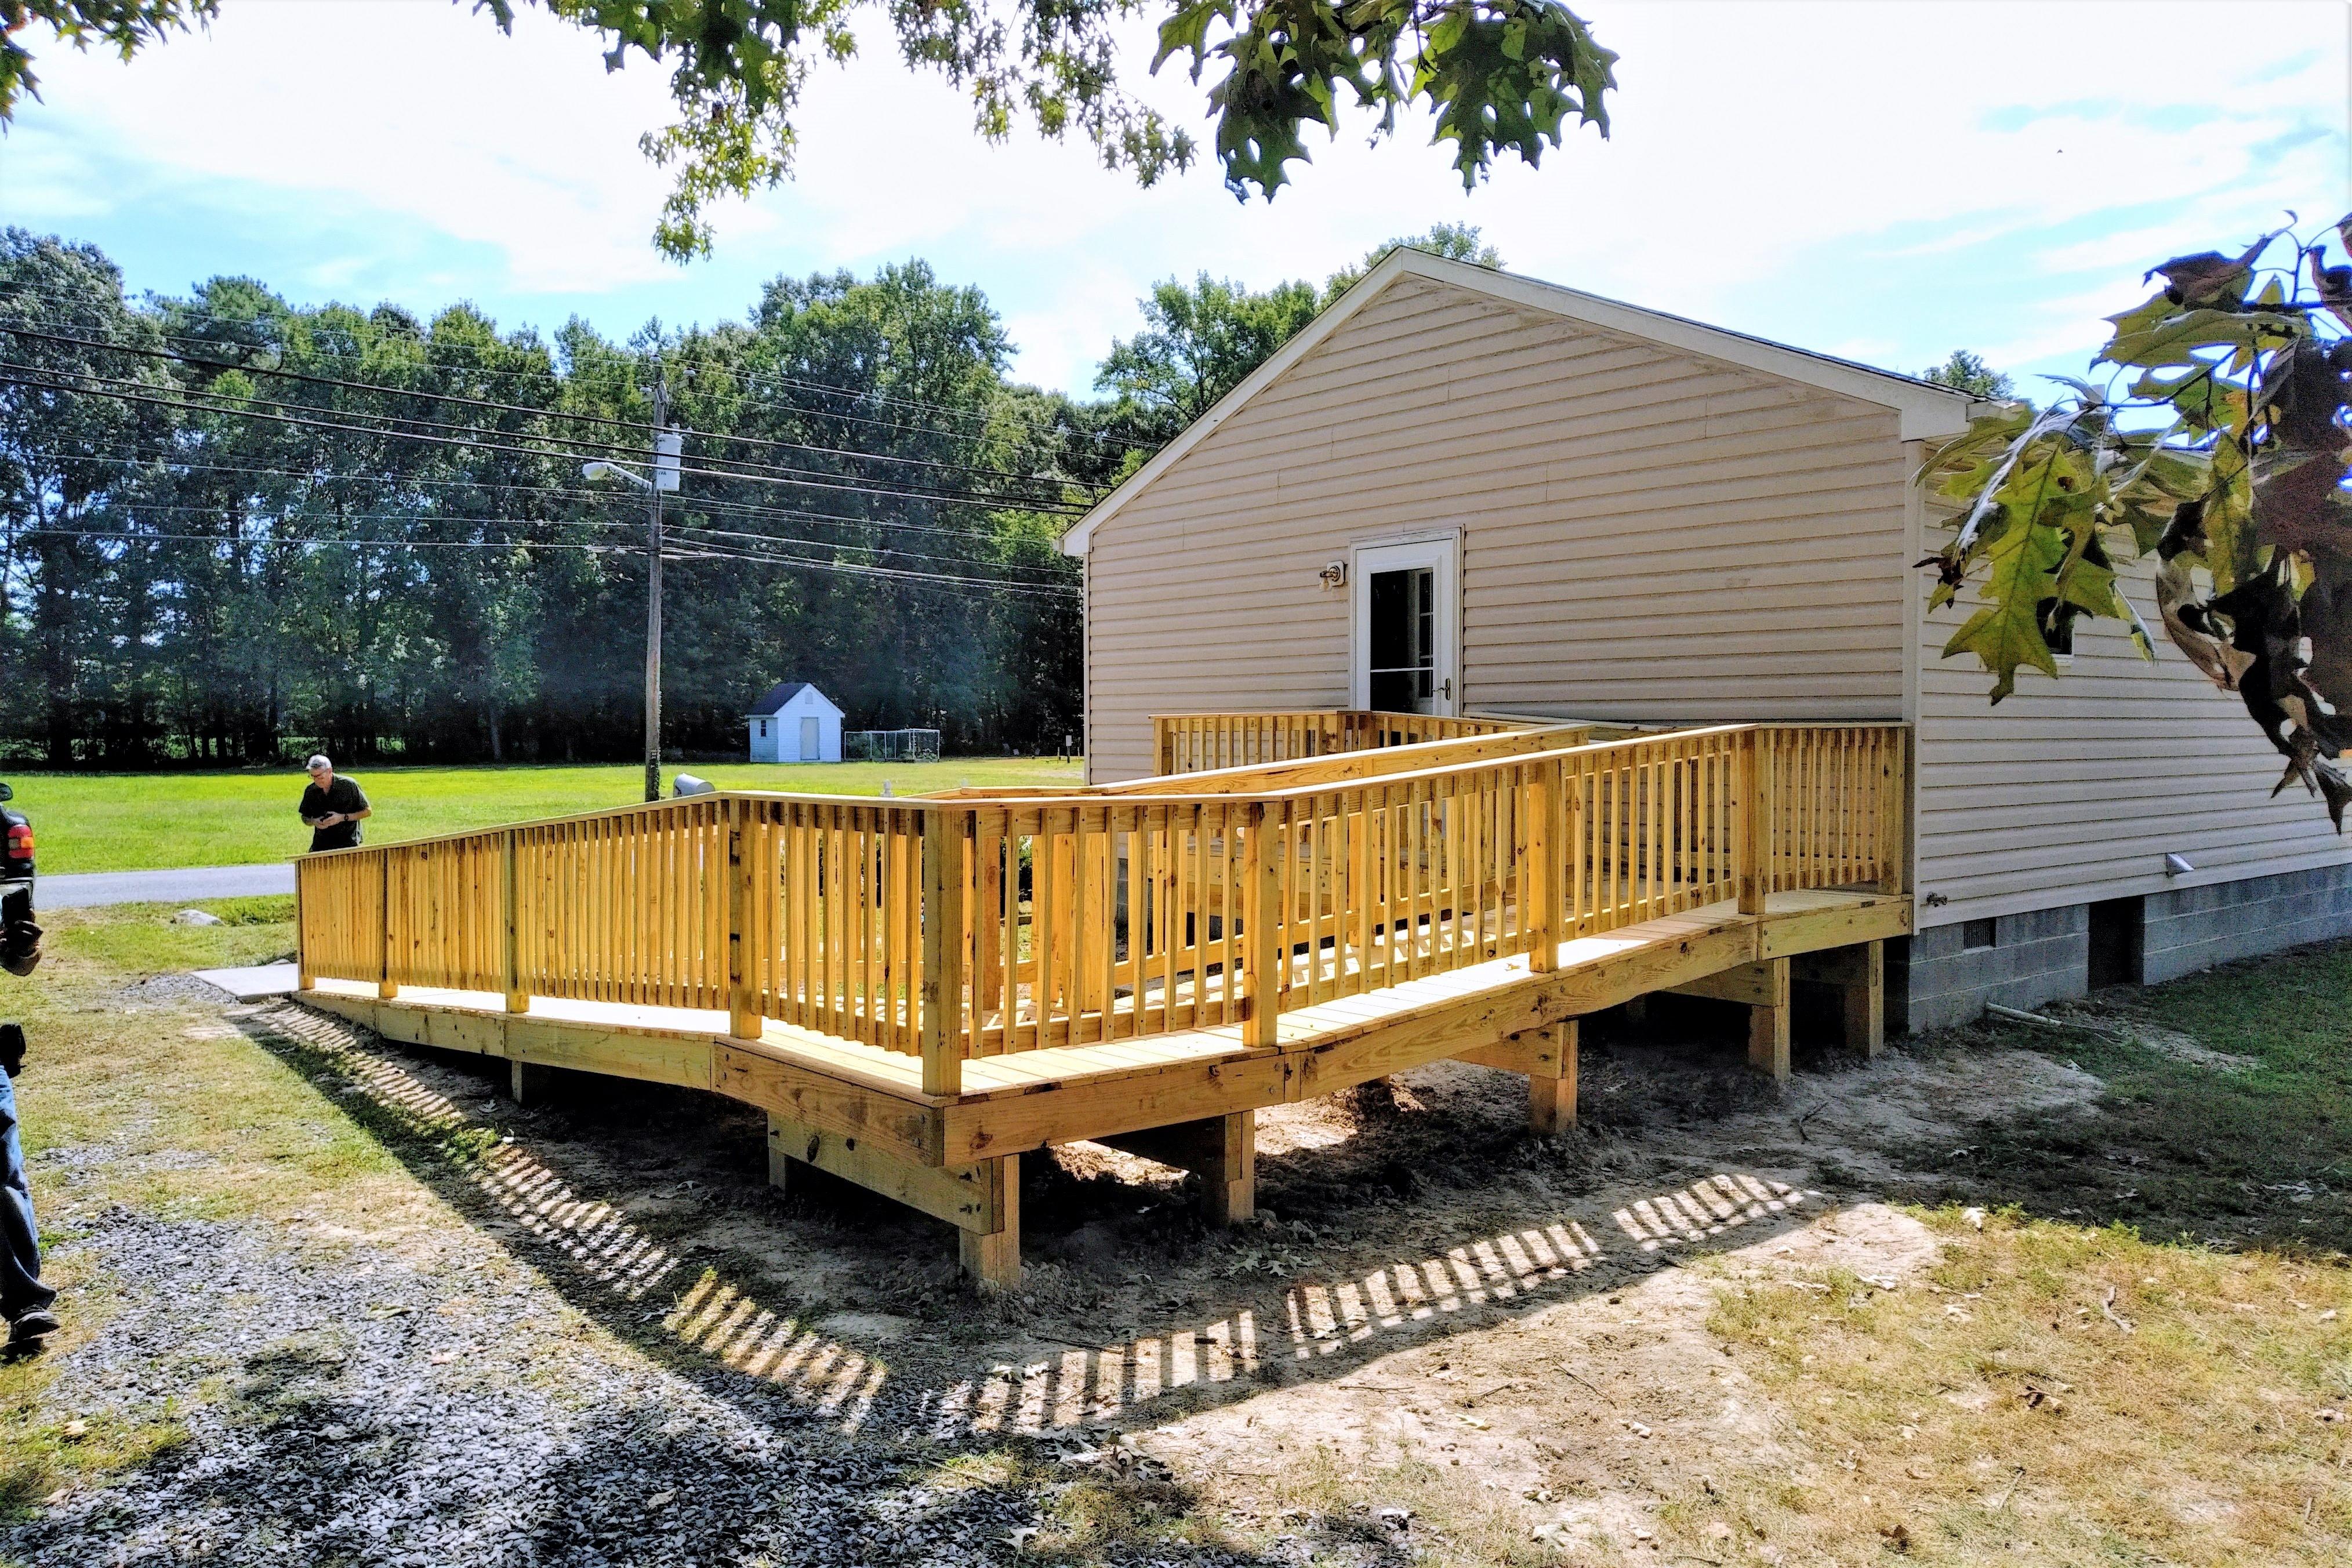 A newly built wooden ramp